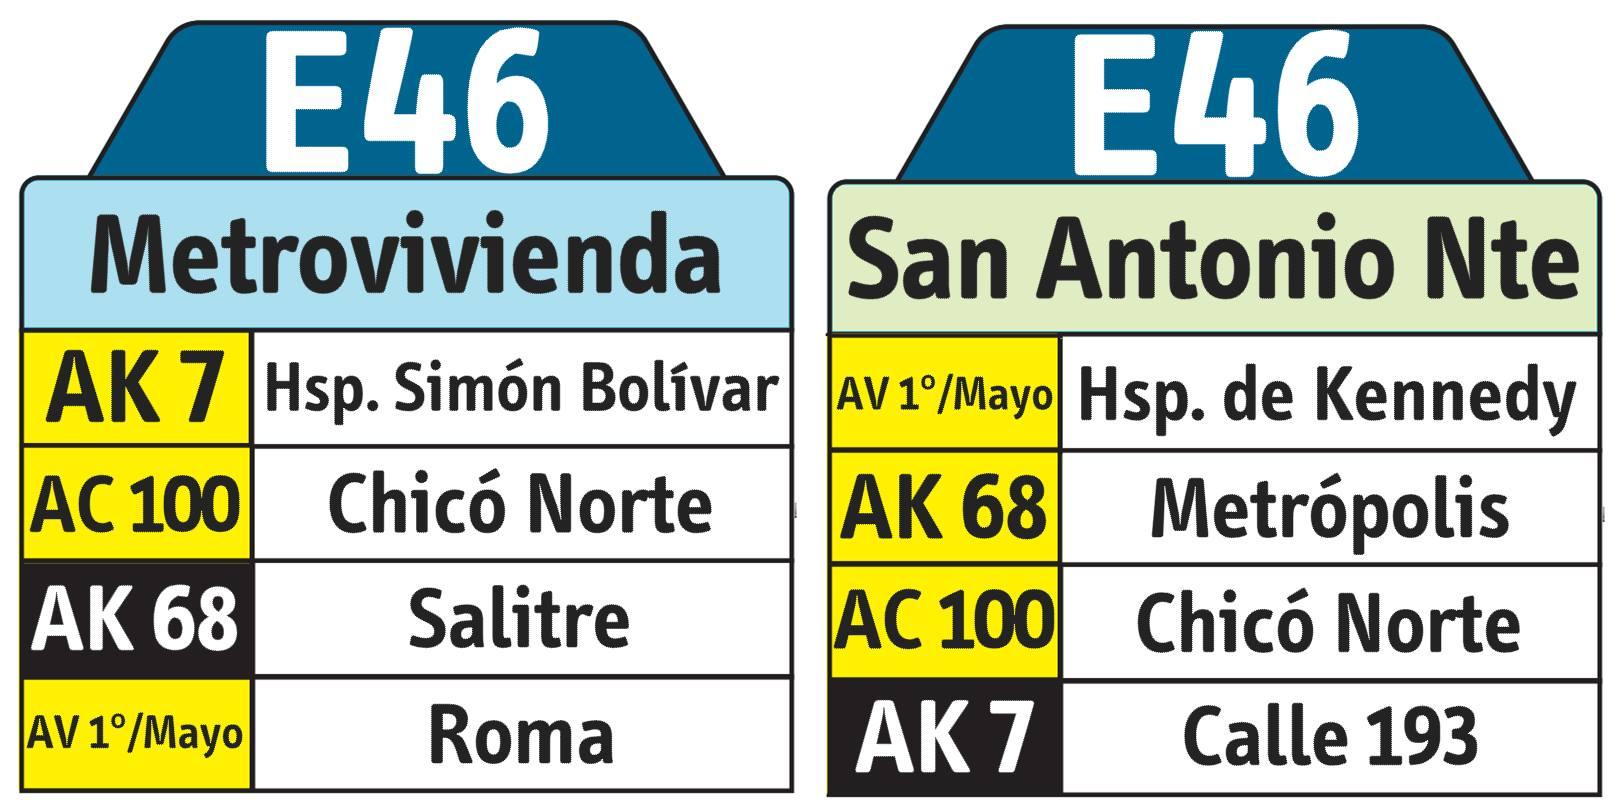 Tablas de la Ruta E46